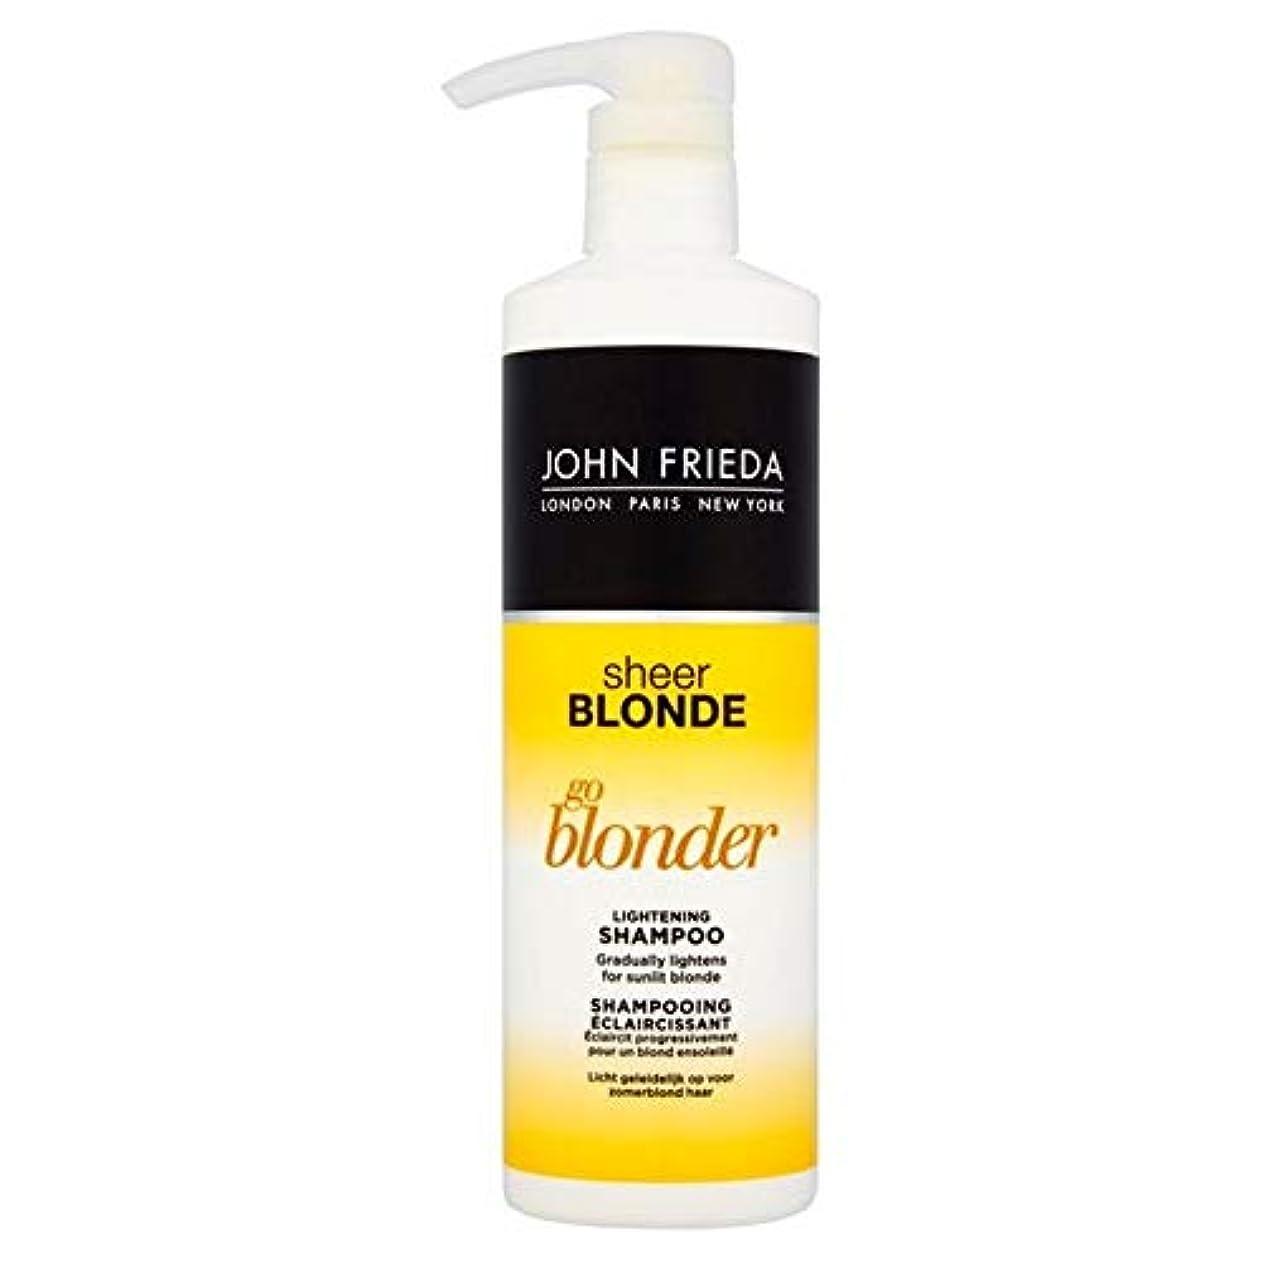 アクロバット優先インセンティブ[John Frieda ] シャンプー500ミリリットルを軽減ジョン?フリーダ切り立っブロンド行くBlonder - John Frieda Sheer Blonde Go Blonder Lightening Shampoo...